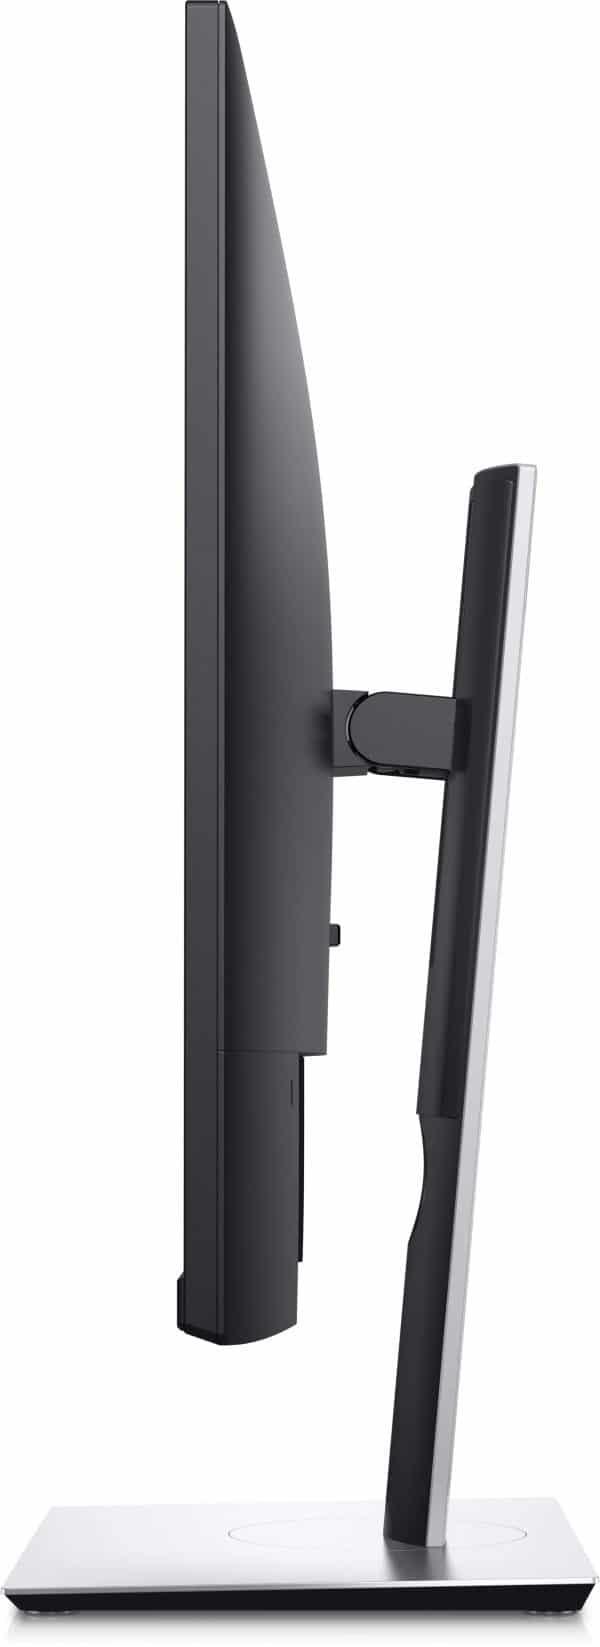 P2719H-monitor-con-diseño-de-gestión-de-cables-mejorados